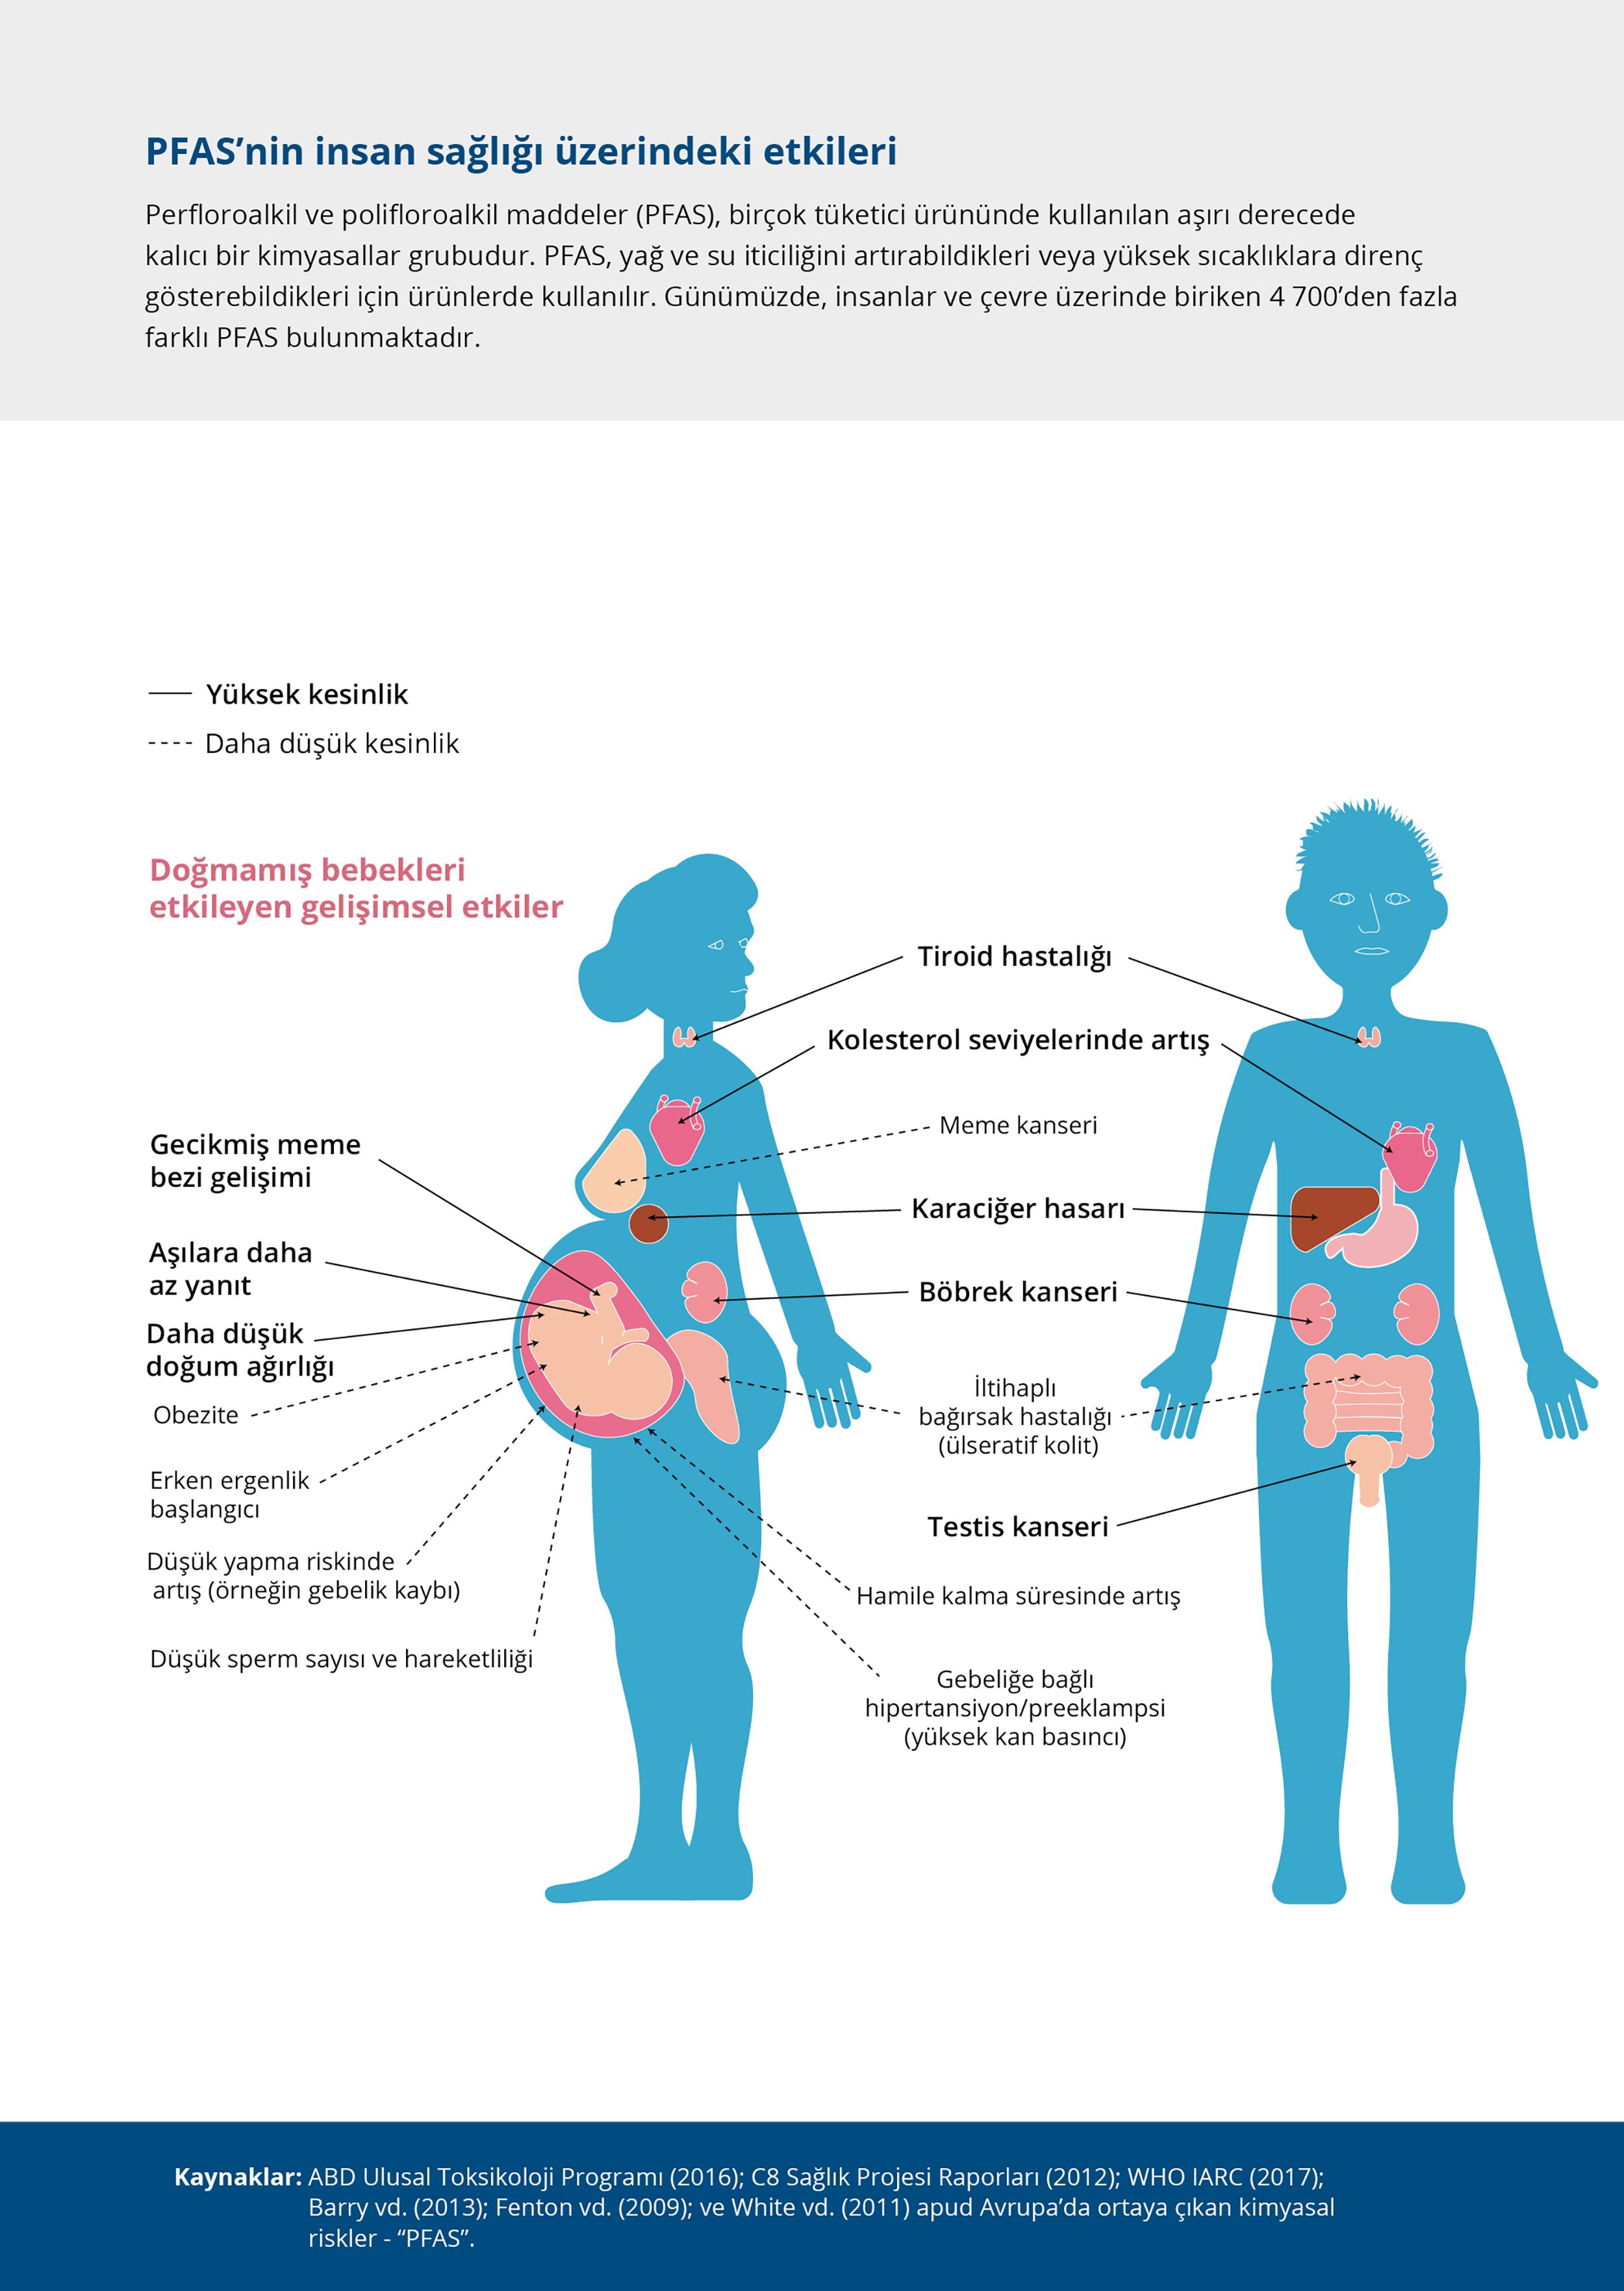 PFAS'nin insan sağlığı üzerindeki etkileri